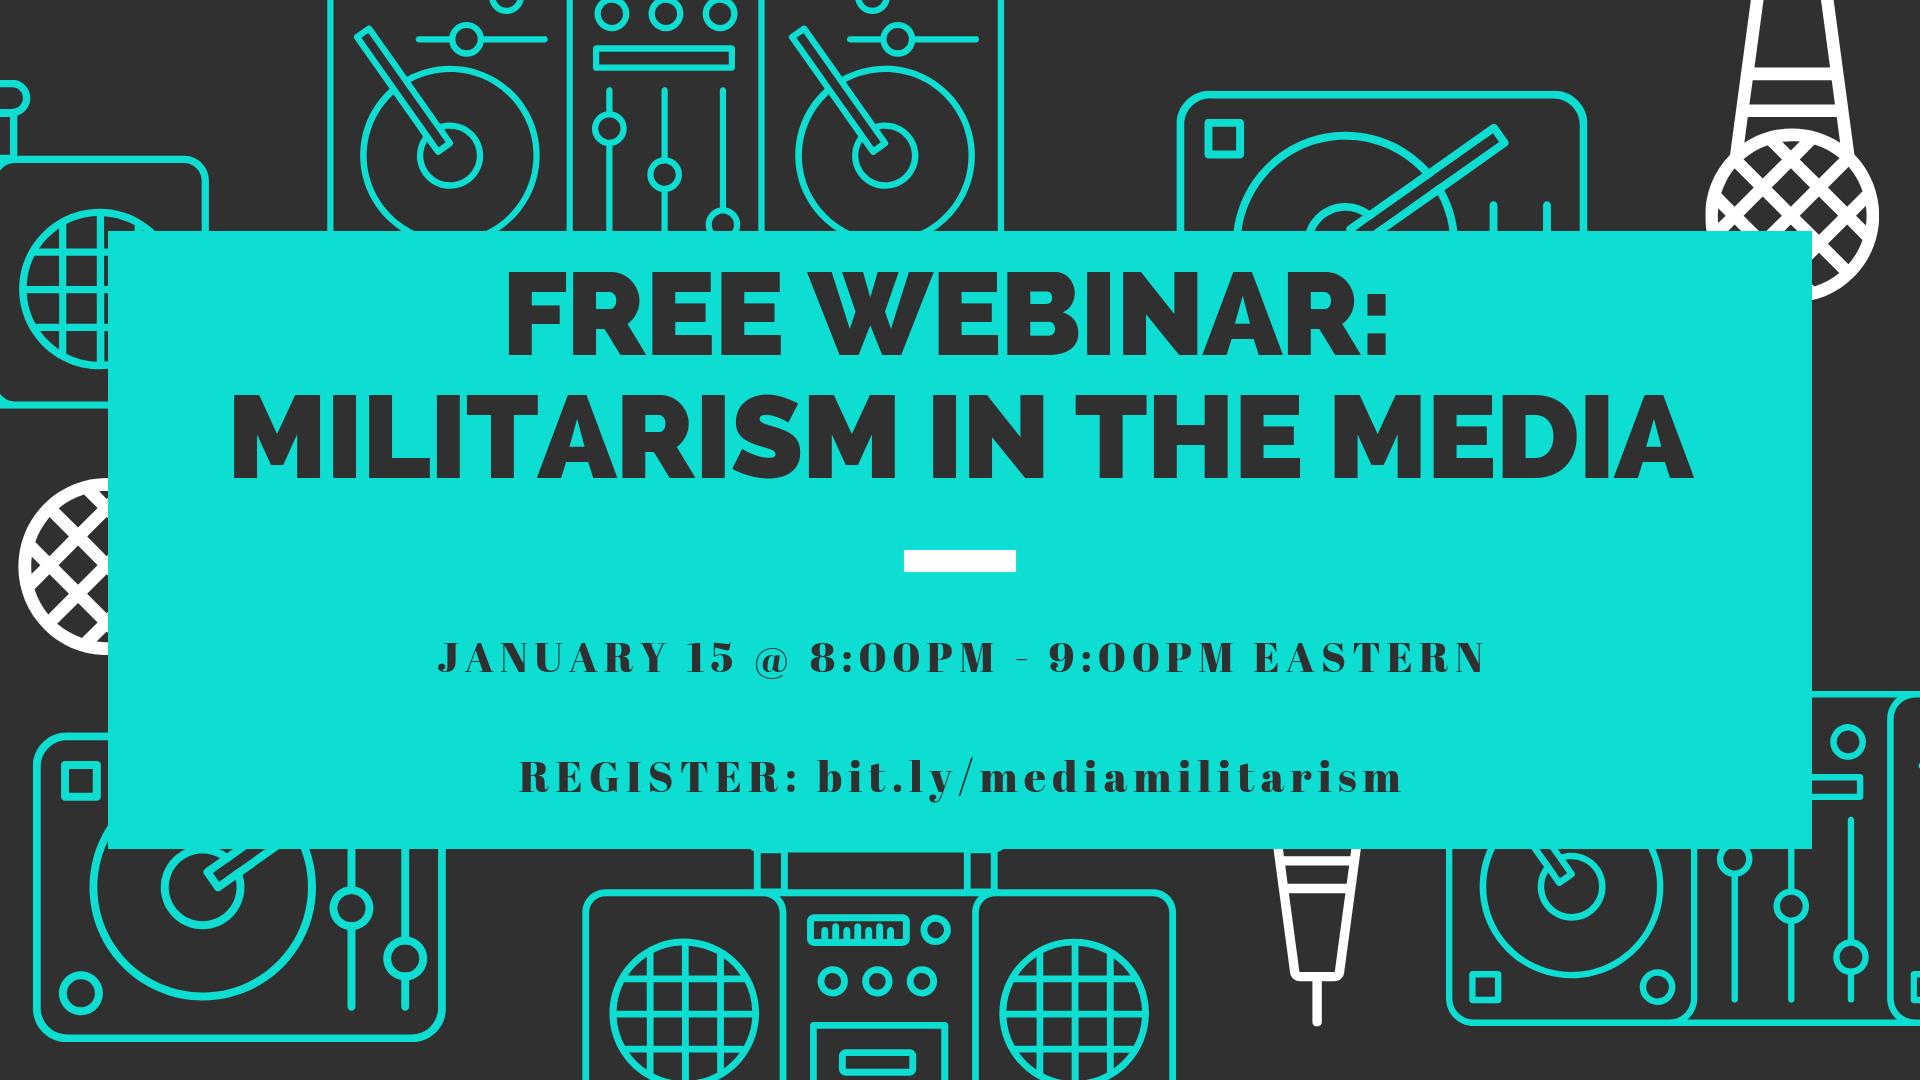 Free_webinar__militarism_in_the_media